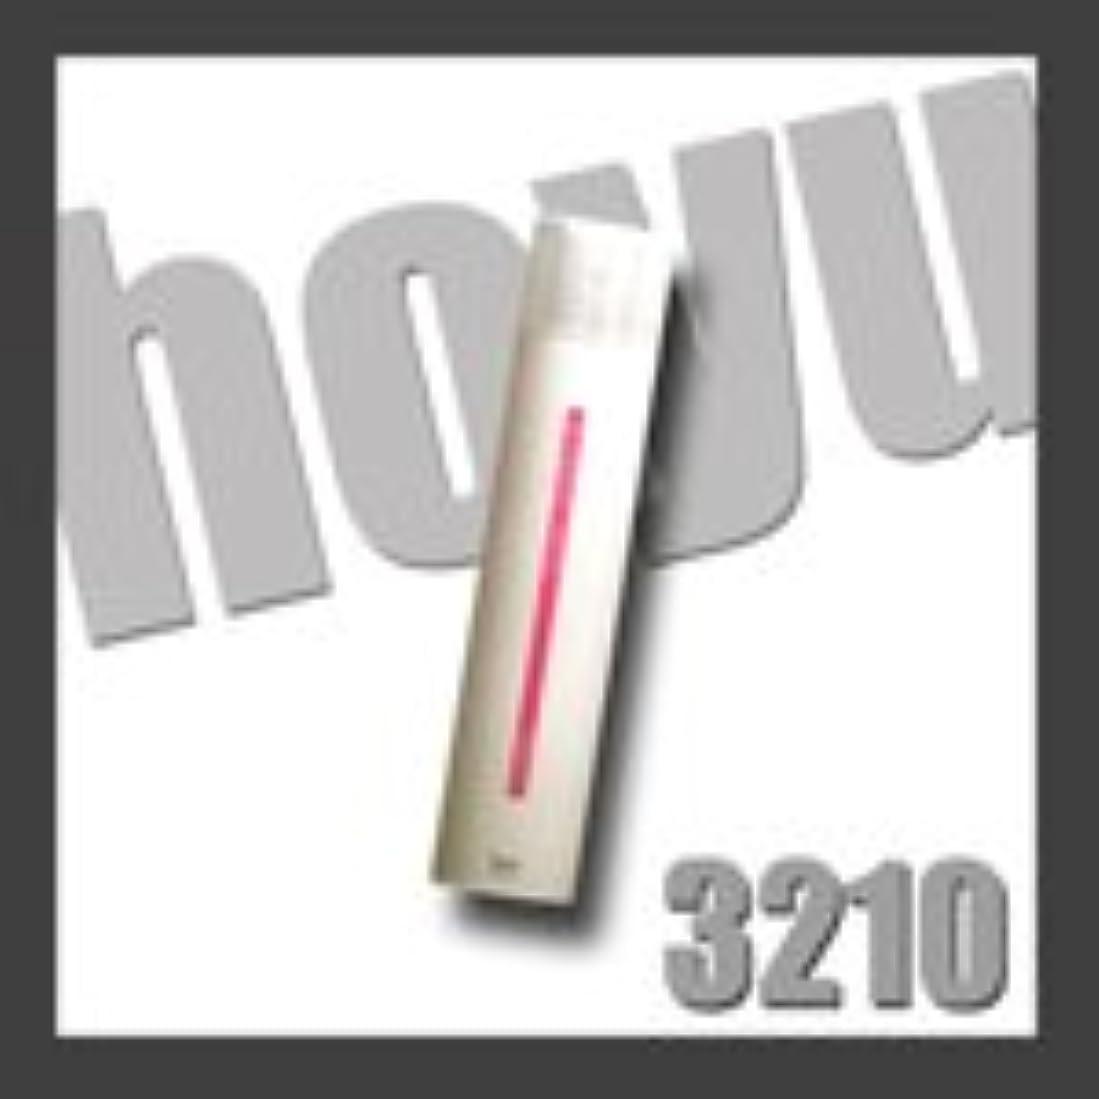 アサート食い違い判定HOYU ホーユー 3210 ミニーレ スプリール スタイリングスプレー HF ハードフィックス 180g